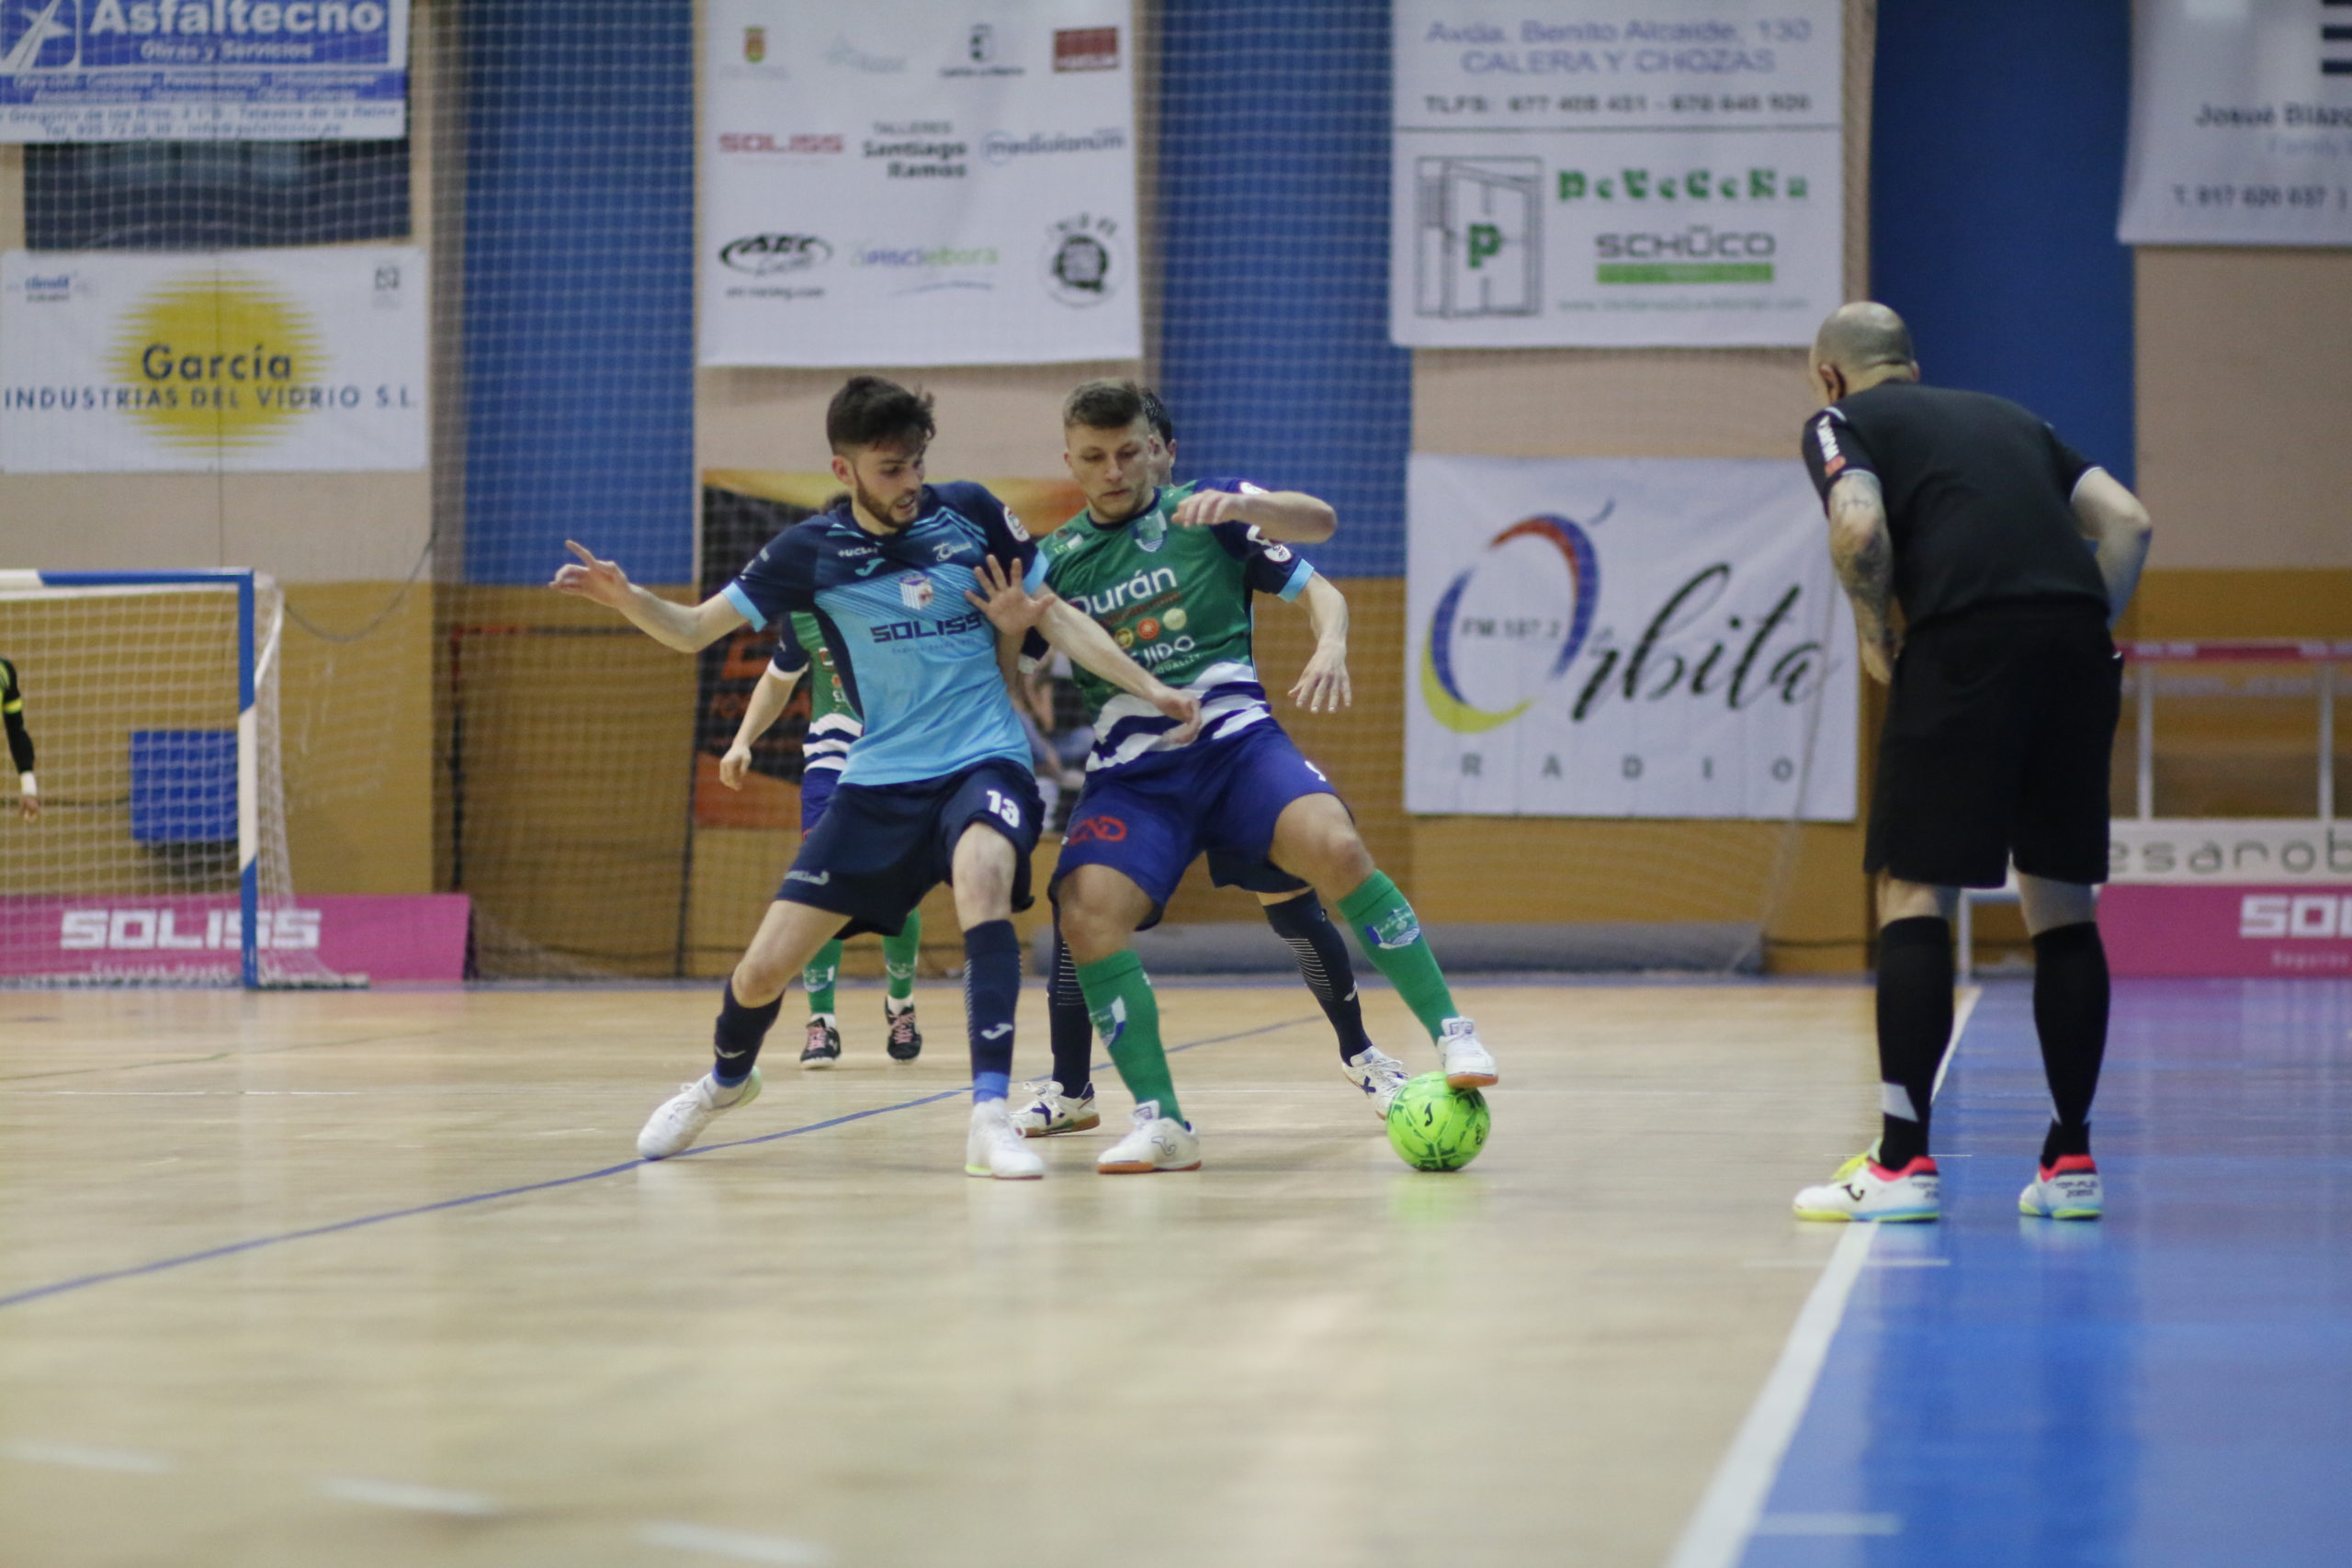 Durán Ejido Futsal cae en la pista del Talavera